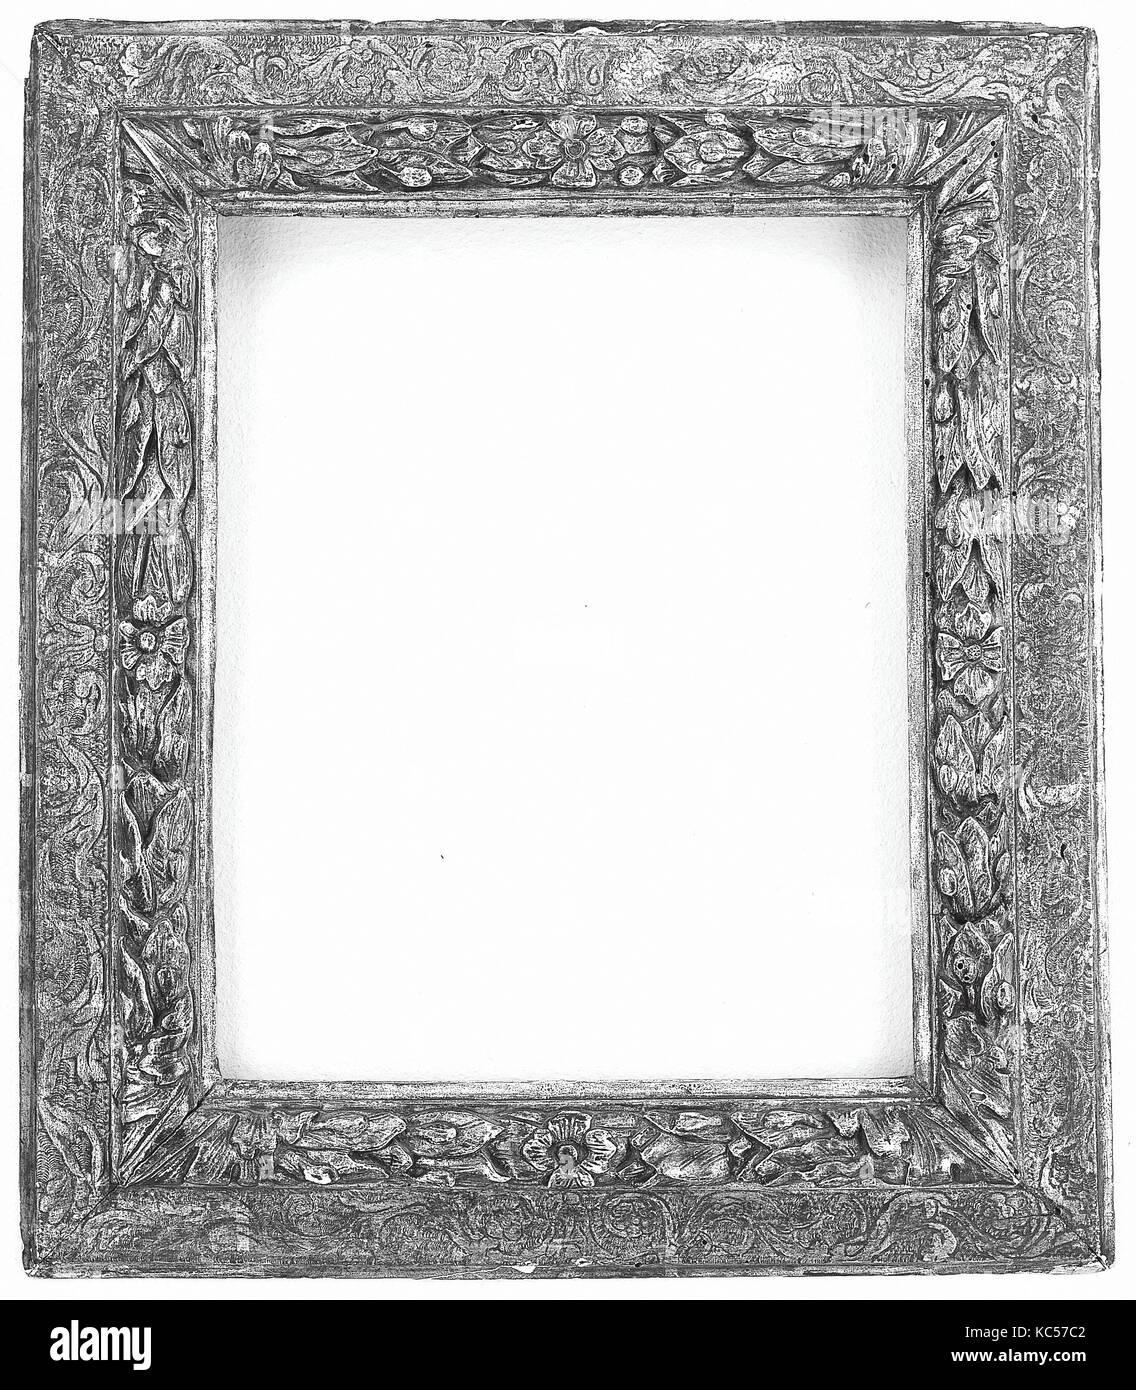 Schlagleisten Rahmen, Anfang des 17. Jahrhunderts, Italienisch ...